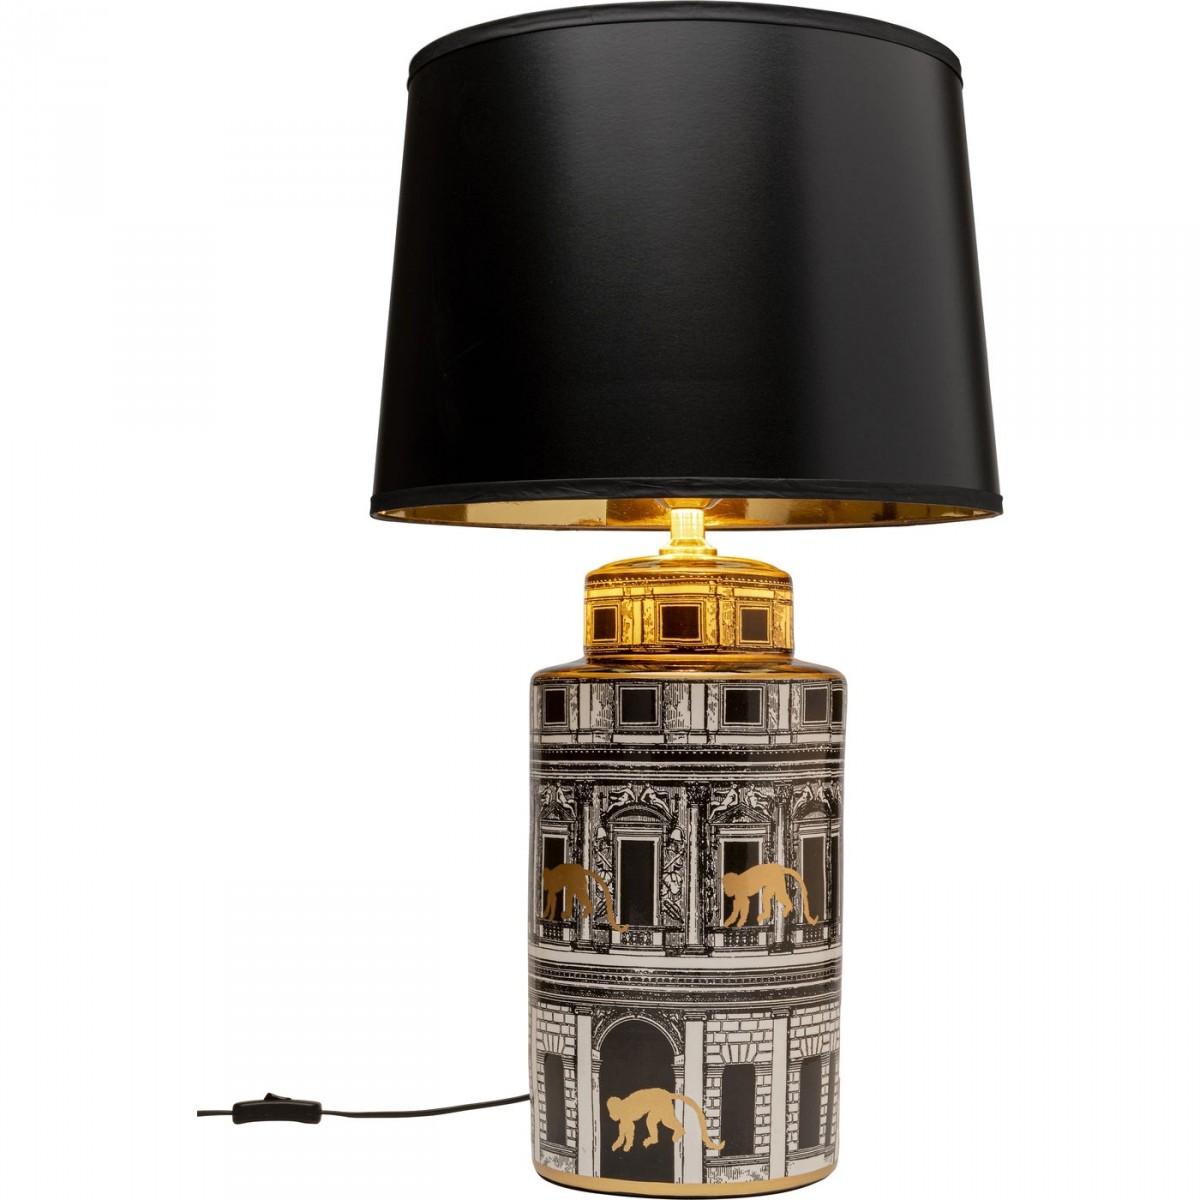 Kare design palazzo bordlampe - sort polyester og multifarvet keramik og porcelæn (h:72cm) fra kare design fra boboonline.dk